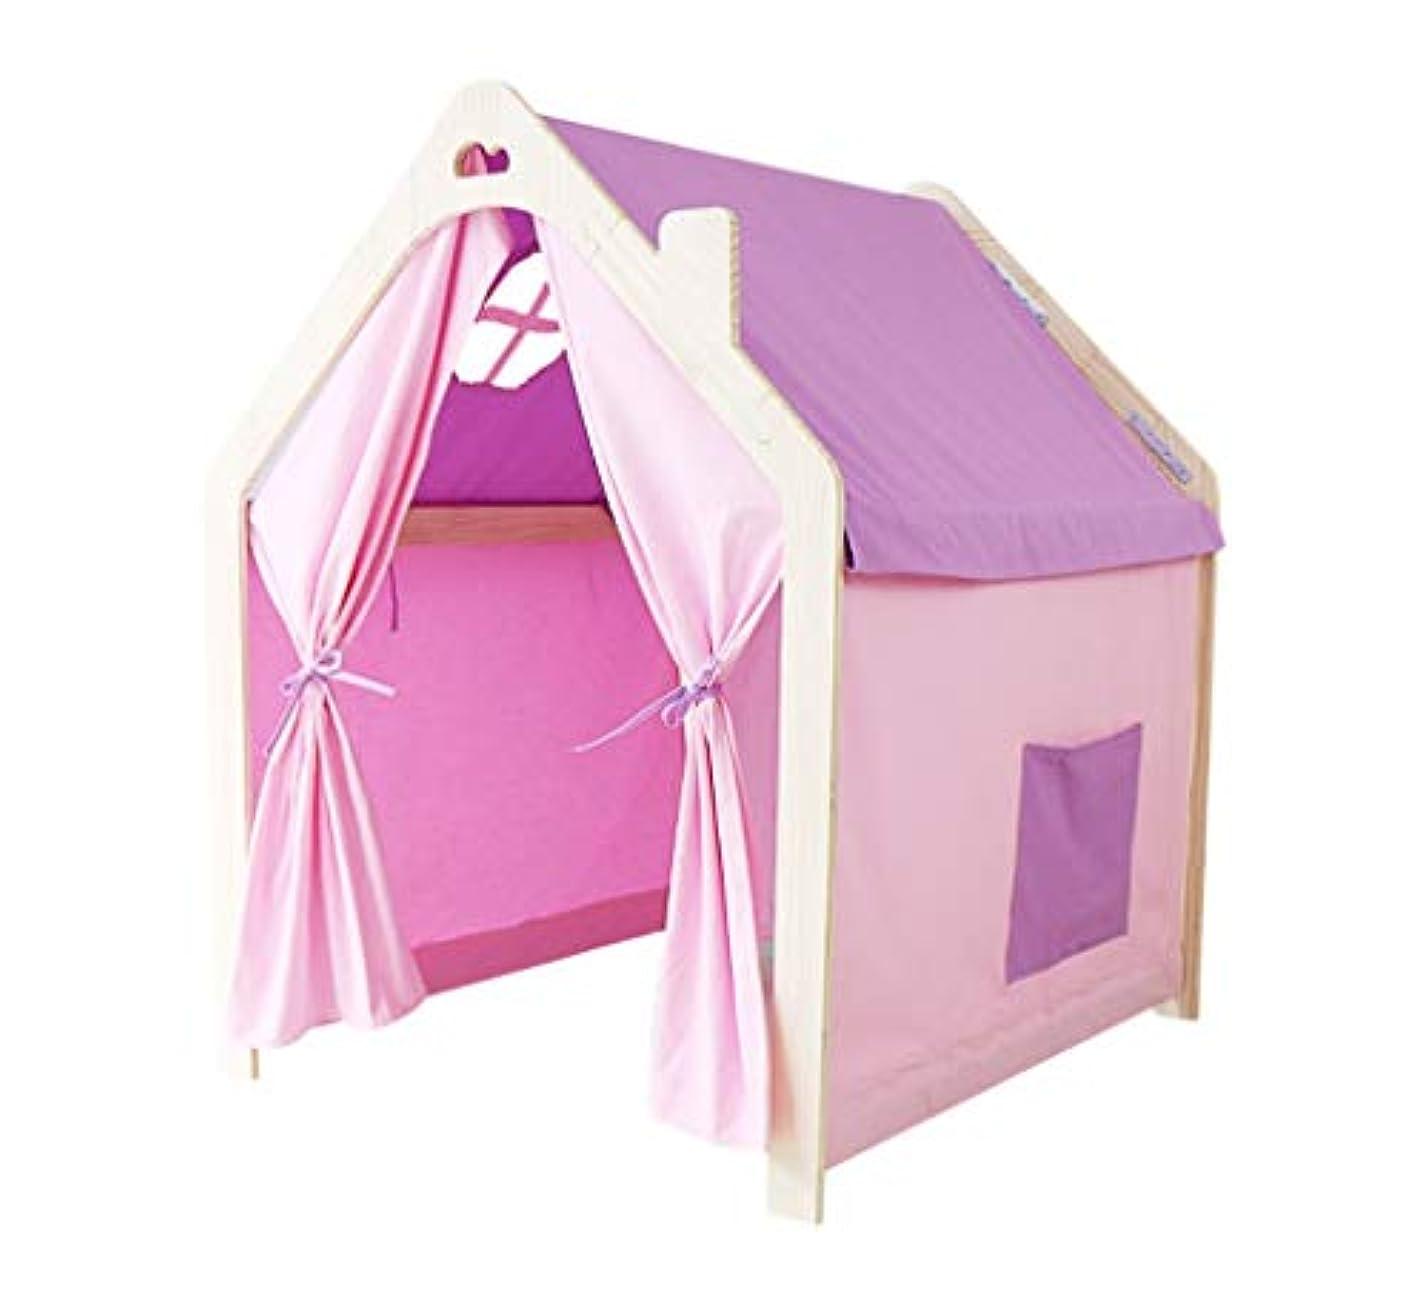 立ち向かうすぐにミュージカルゲームハウスのテント、会議室、おもちゃの部屋、赤ちゃんのゲーム室、ゲーム室、男の子と女の子の読書コーナー写真セット90 * 95 * 114 CM (Color : Pink, Size : M)